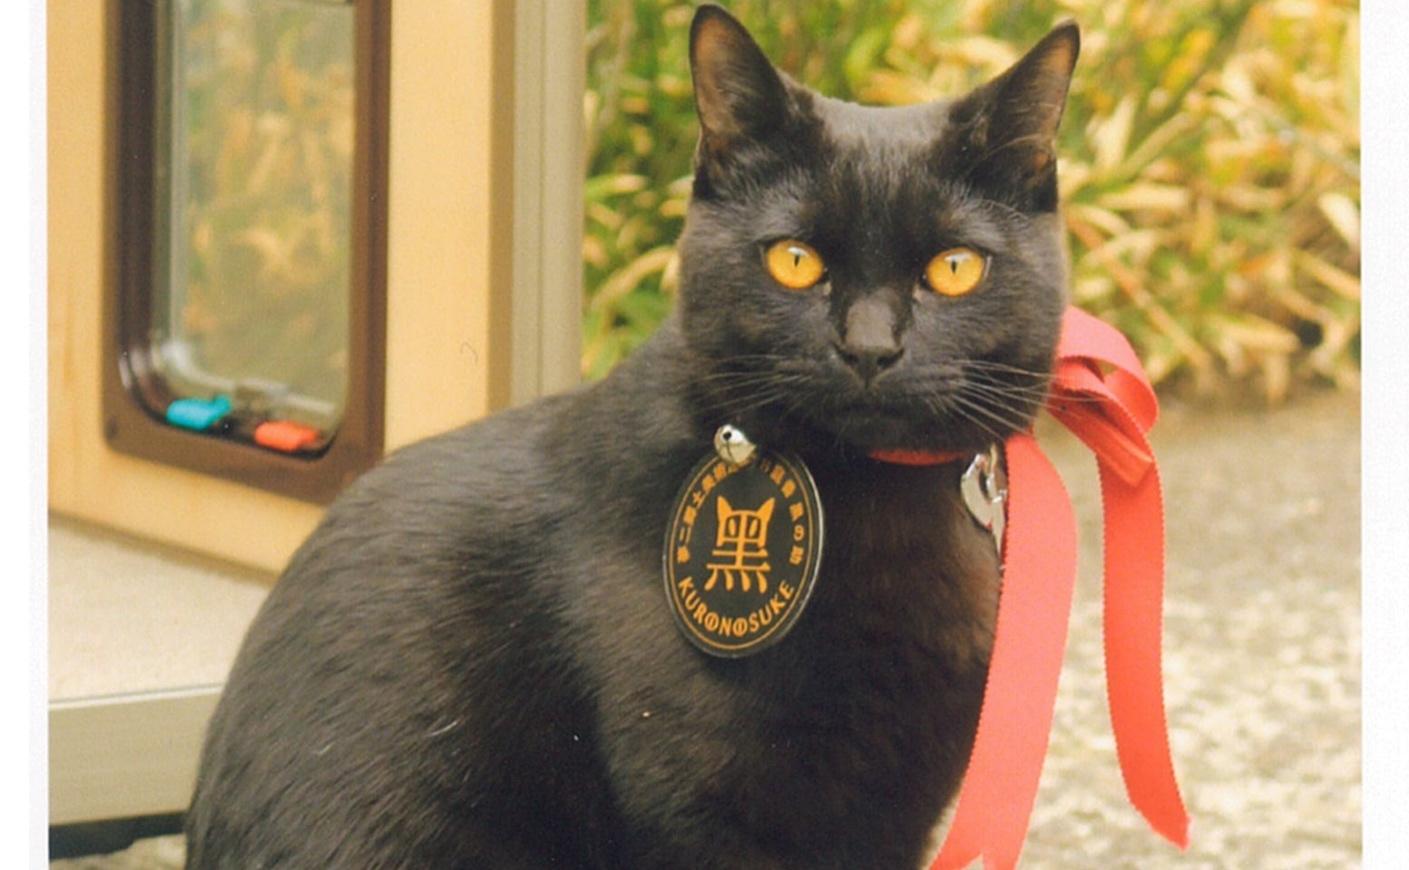 【岡山】竹久夢二の描く黒猫が美術館にやってきた!